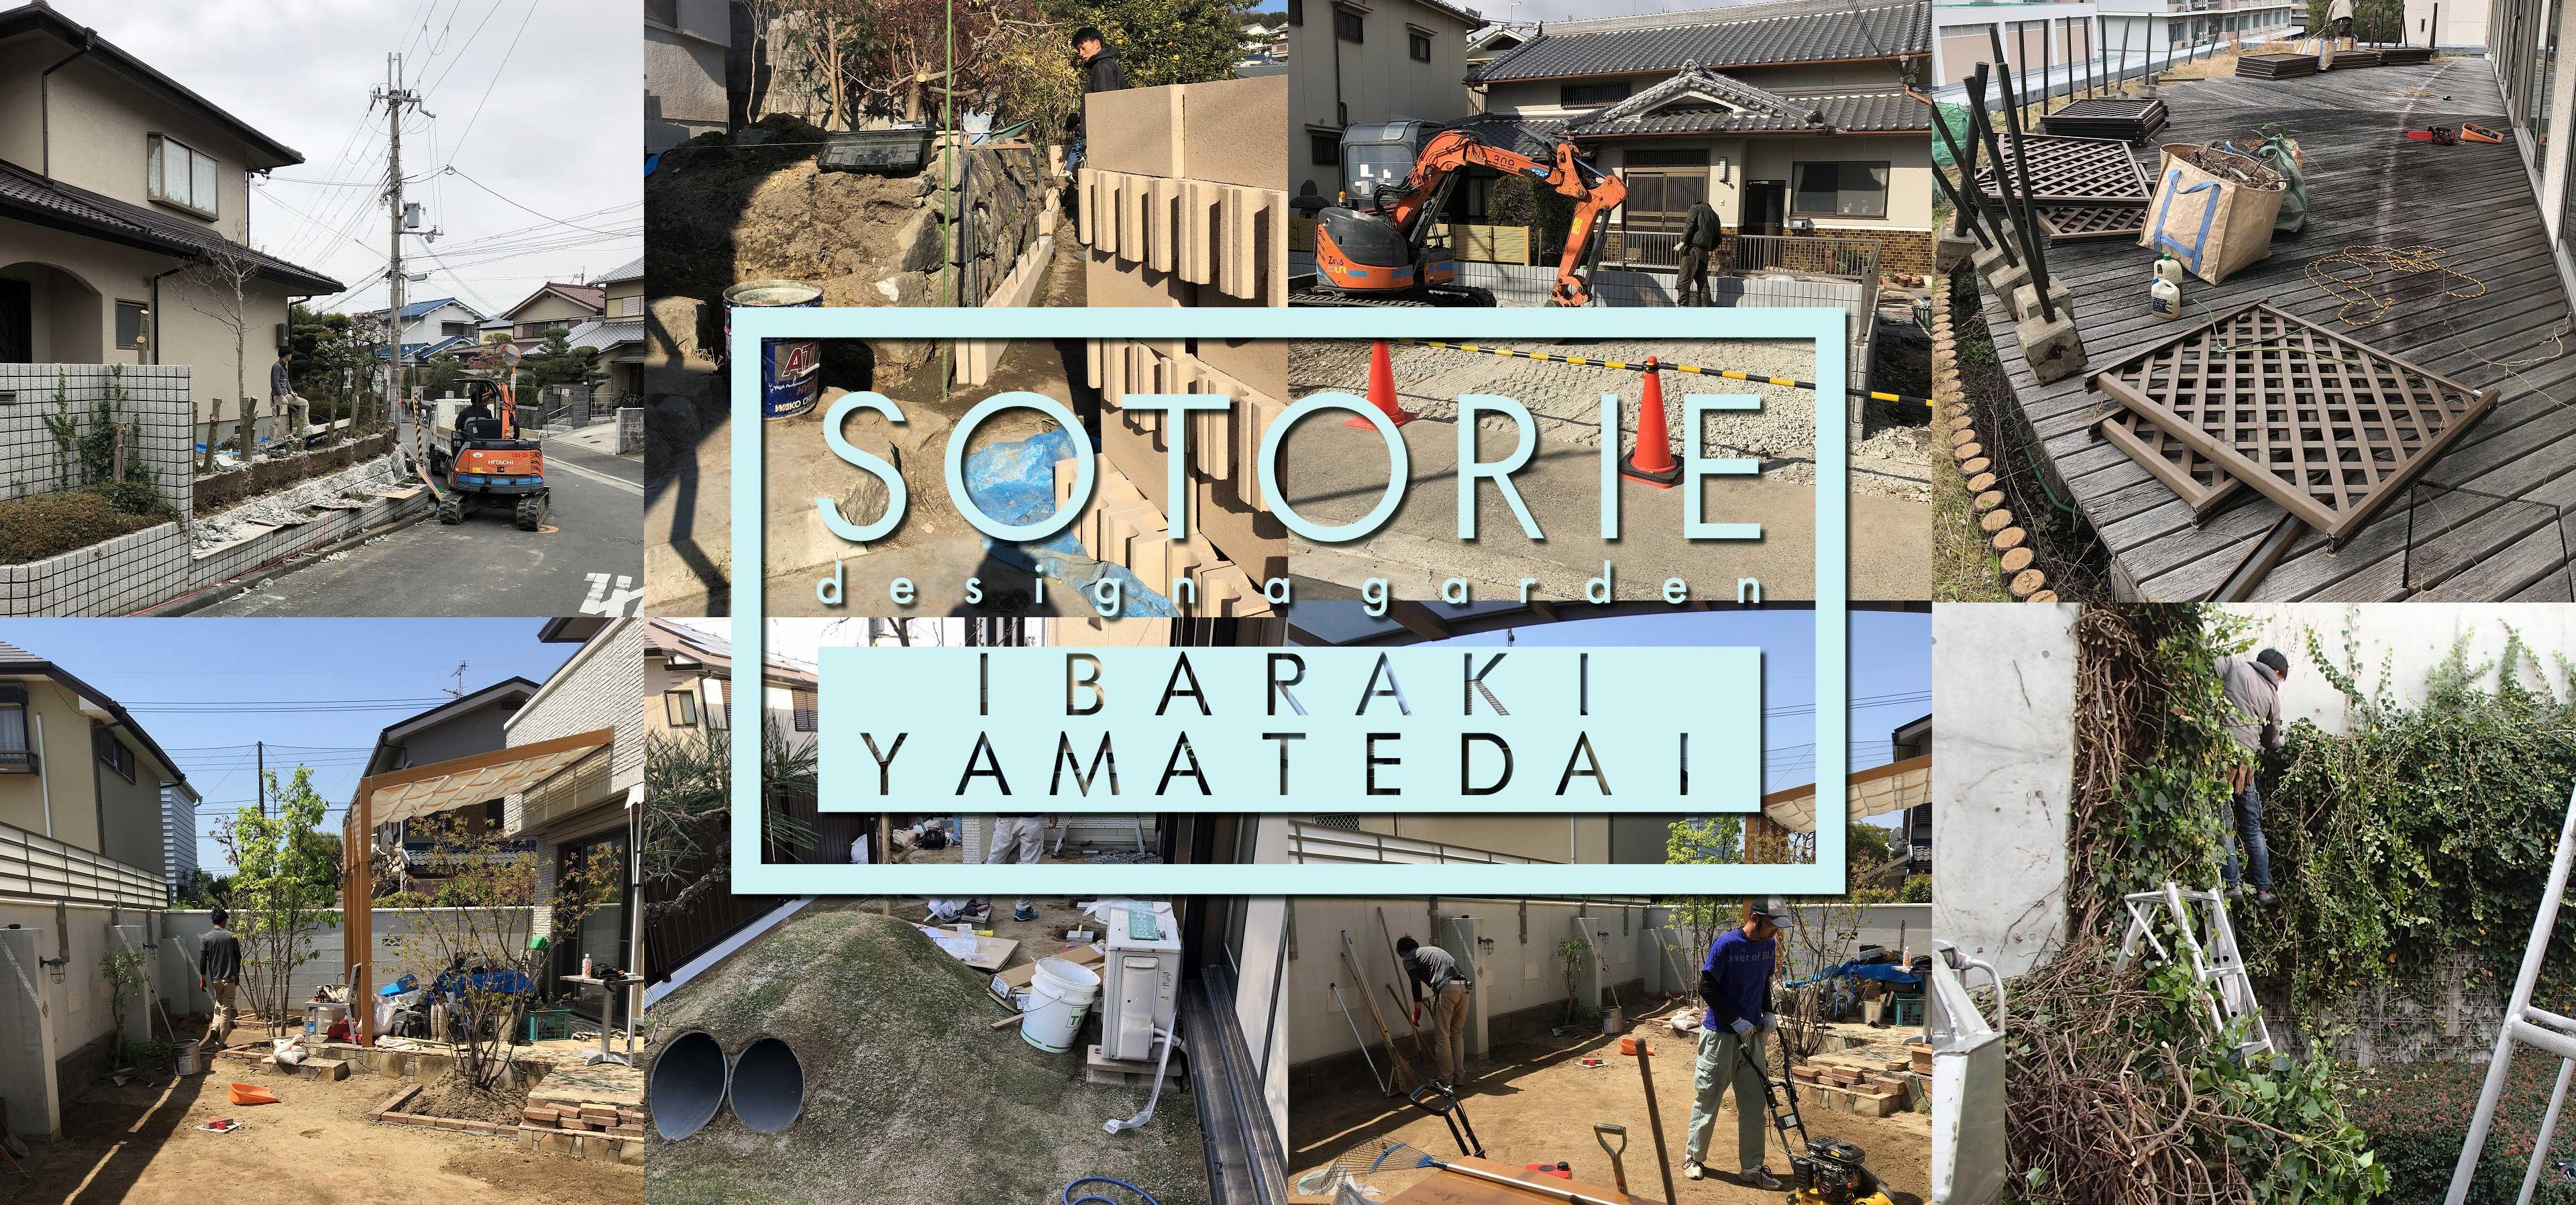 ソトリエ茨木市山手台では、家周りと庭周りの外構、エクステリア工事をおしゃれなデザインと高い施工品質でご提供することをお約束します。